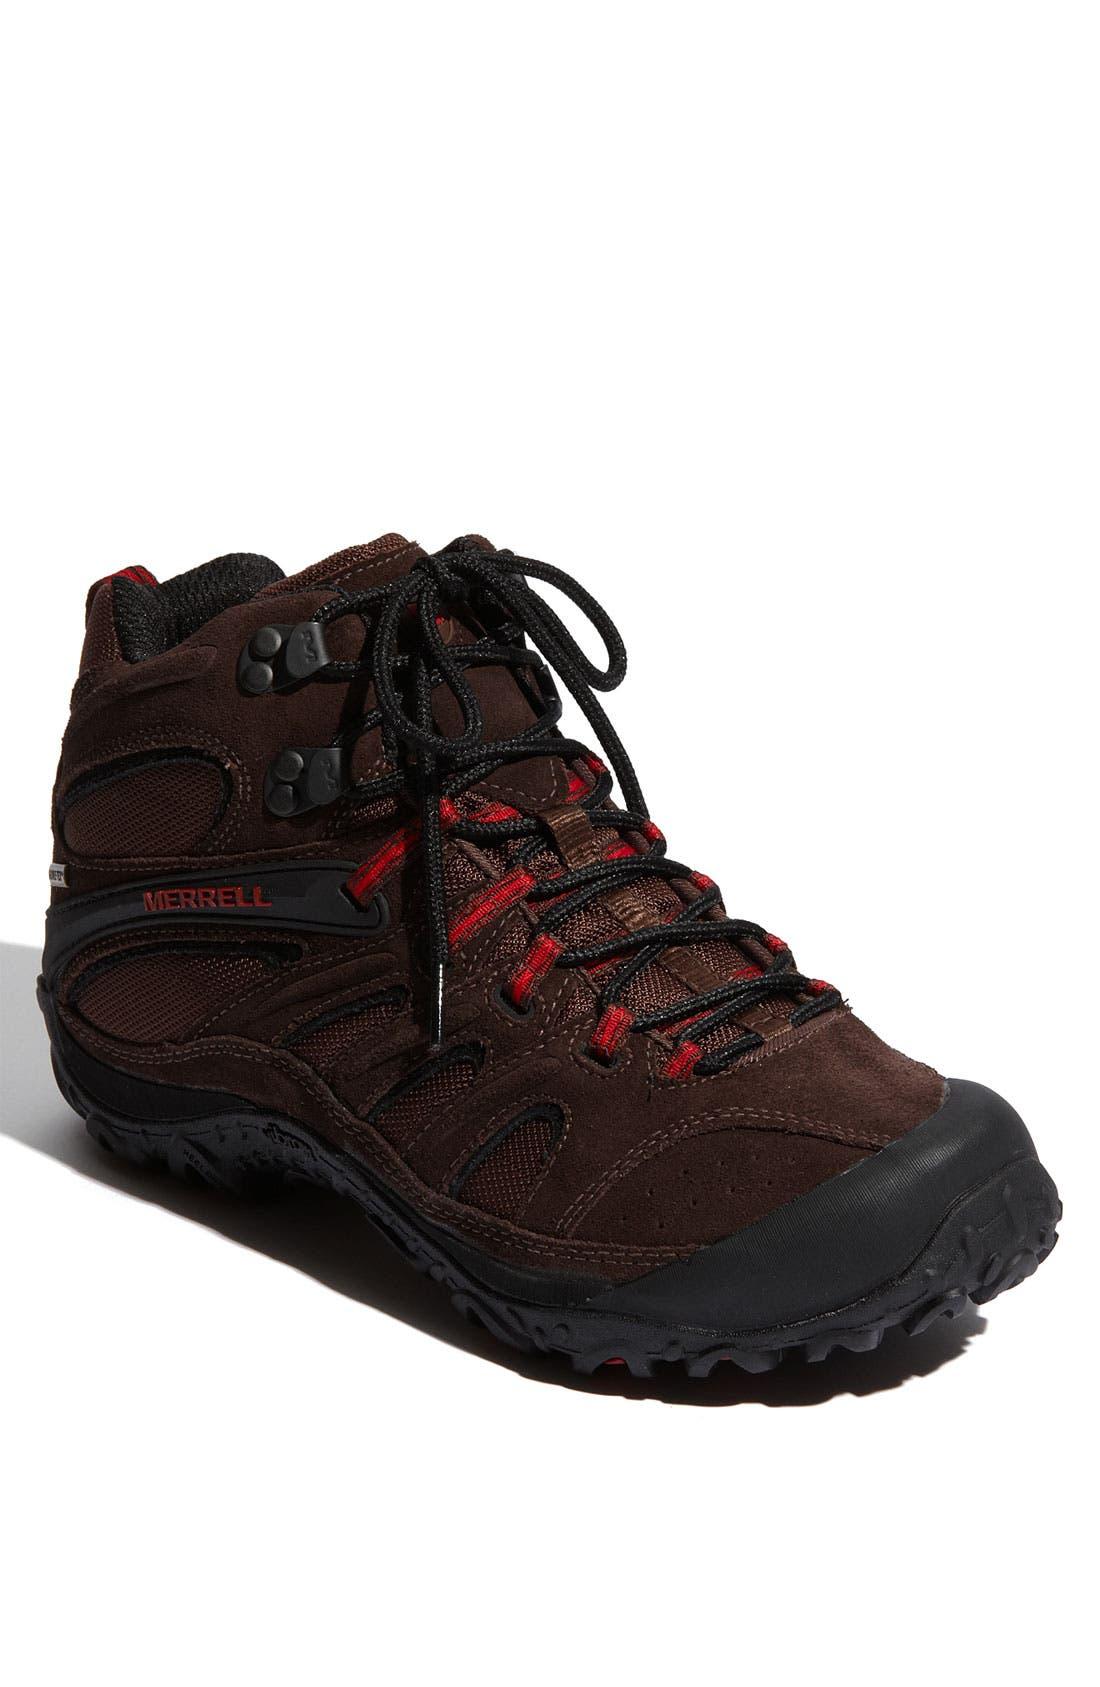 Alternate Image 1 Selected - Merrell 'Chameleon 4 Mid Ventilator GORE-TEX®' Hiking Boot